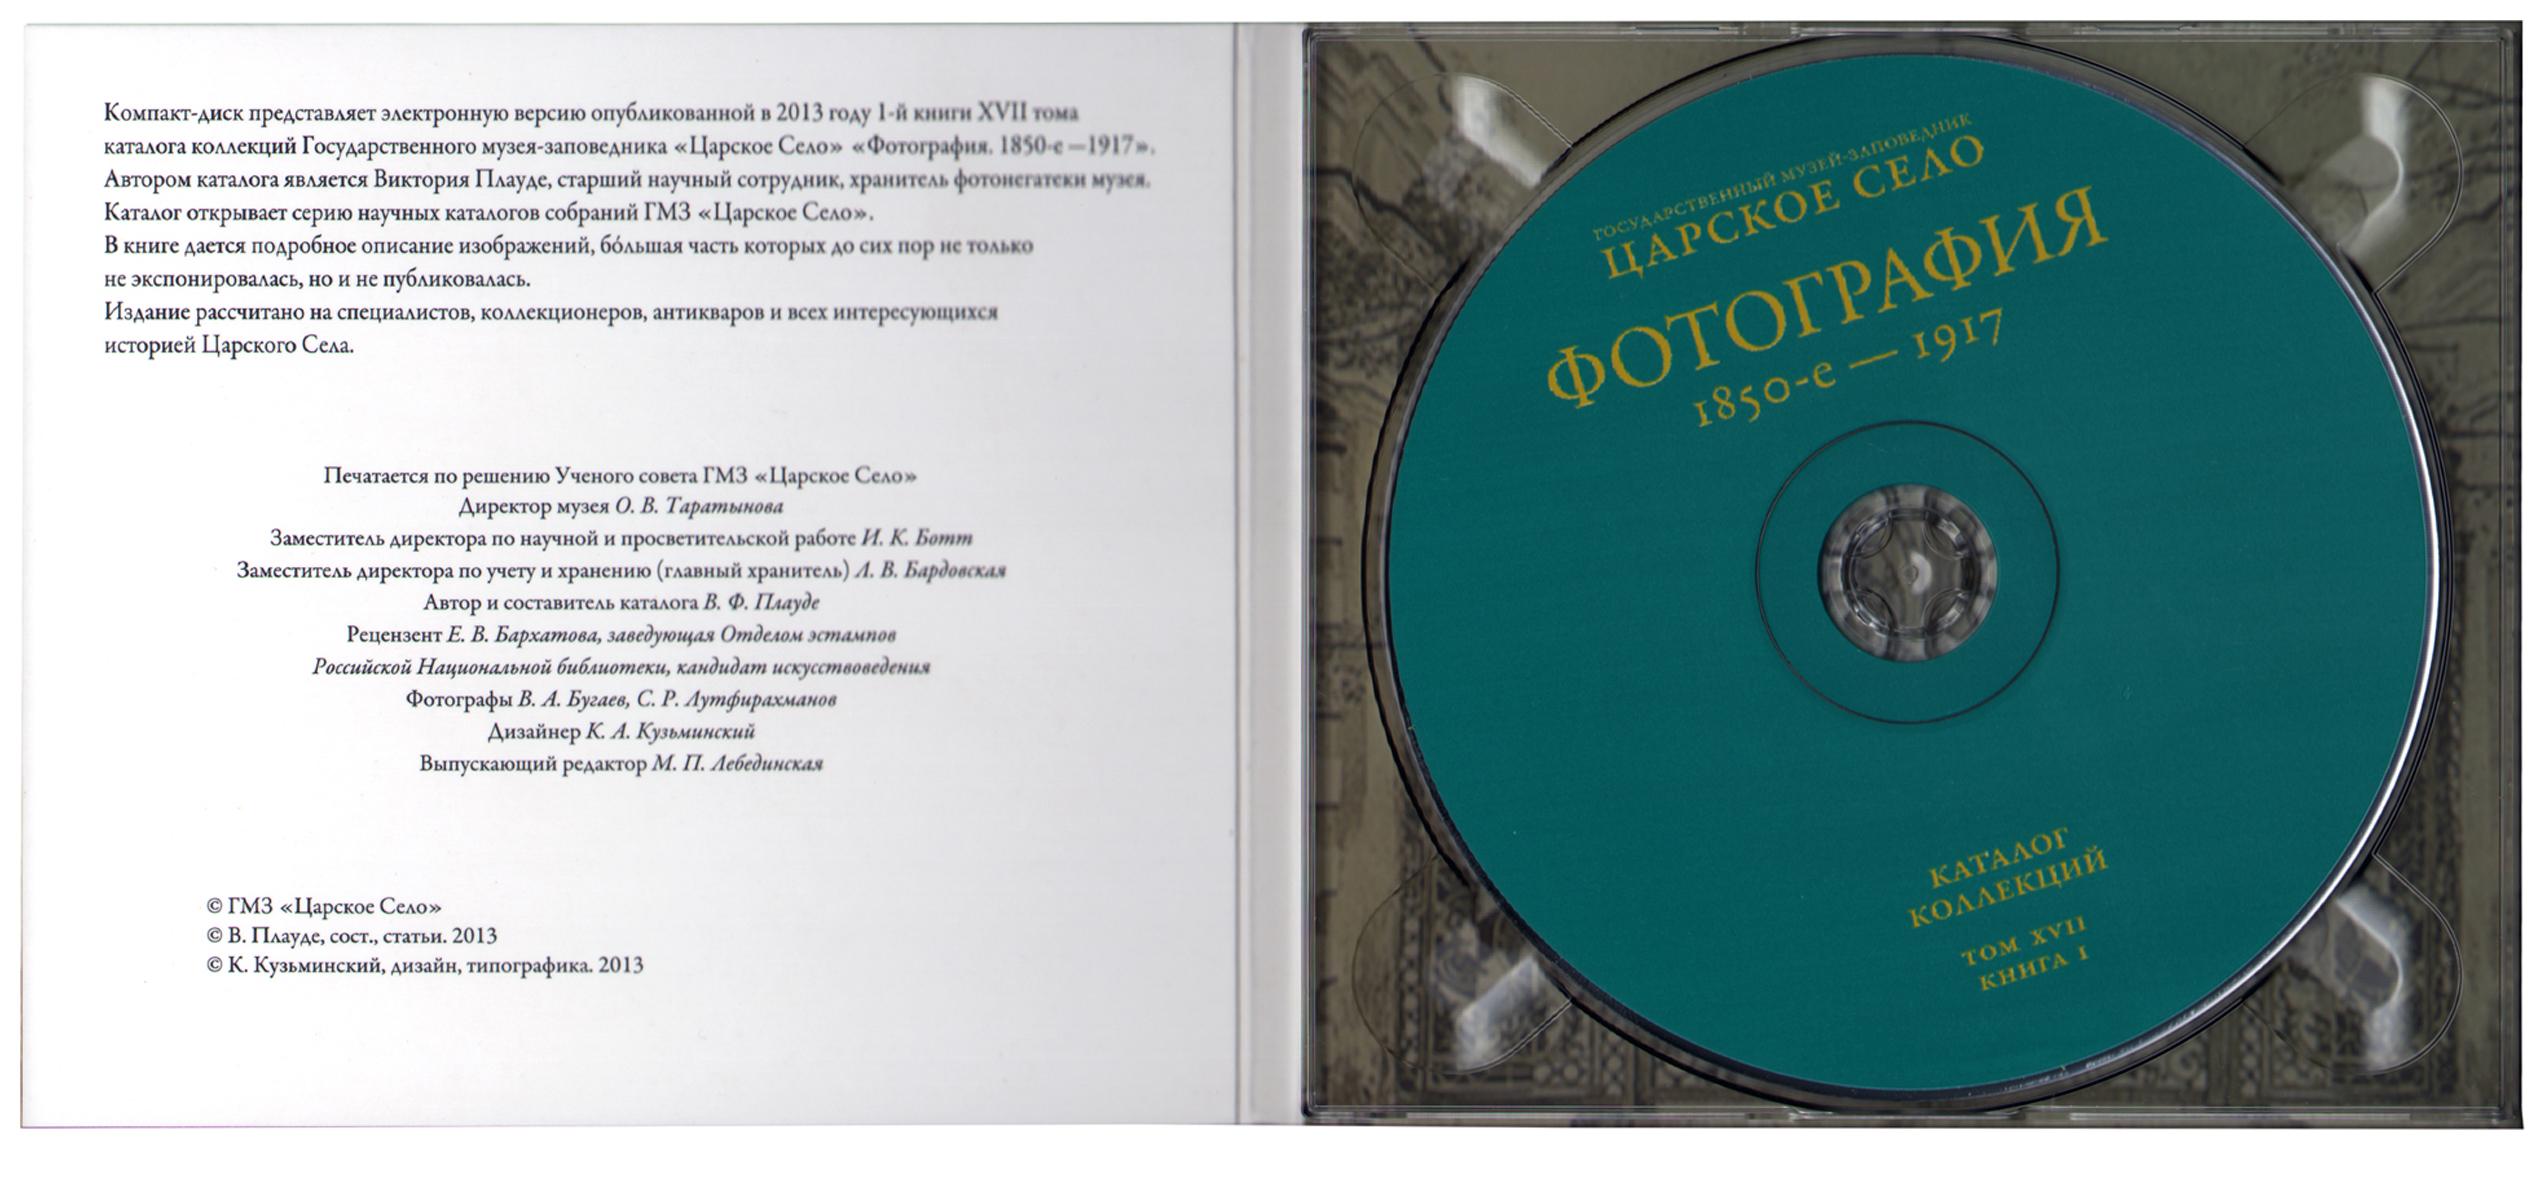 Царское Село. Фотография 1850 – 1917. Научный каталог.